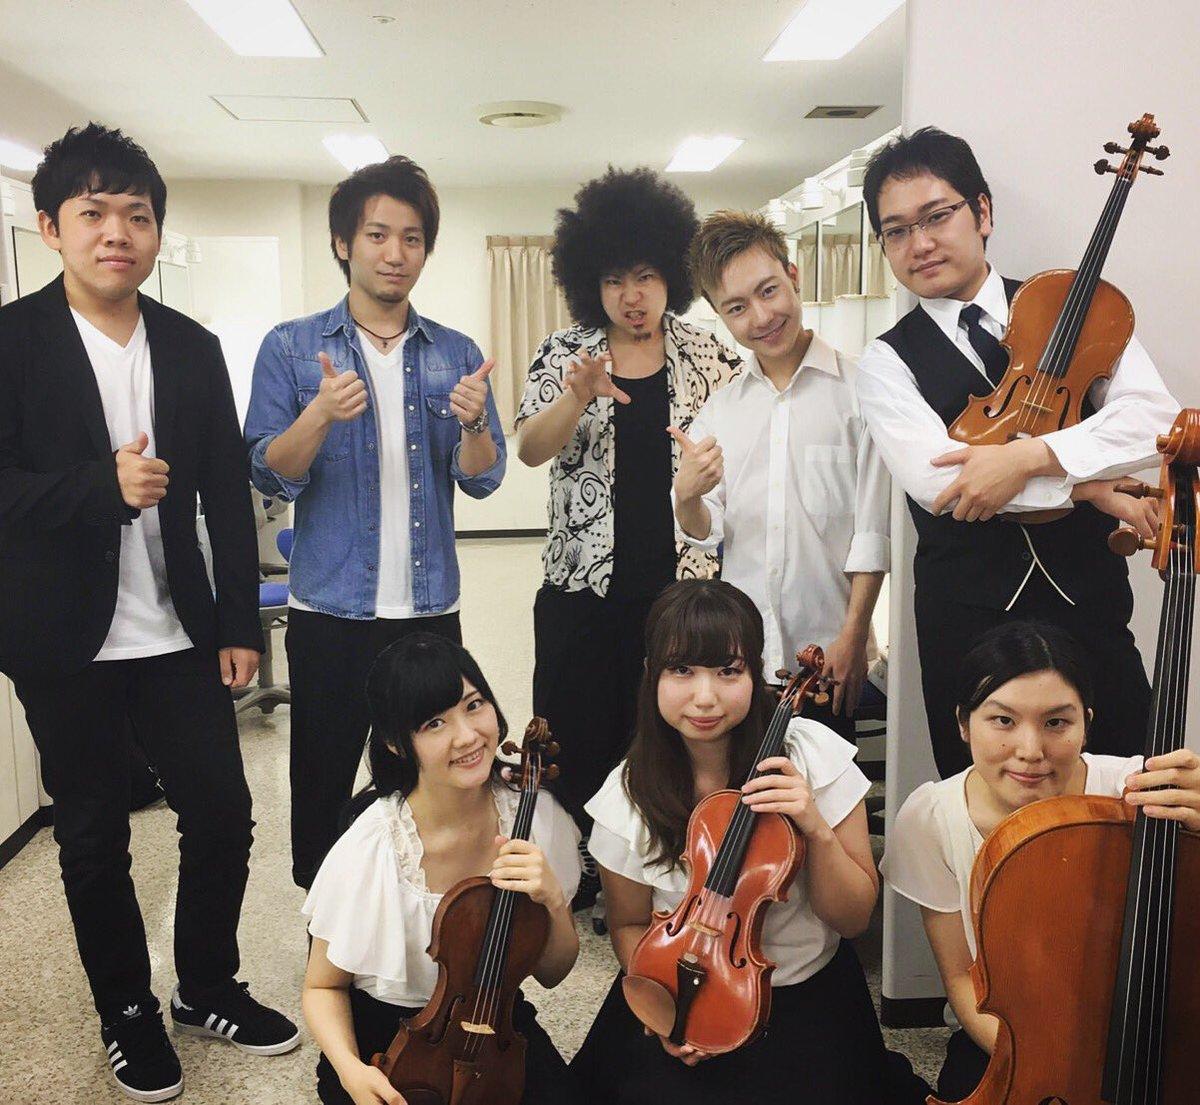 本日の素敵なバンドメンバー(●´ω`●) #NAOMIの部屋 #シブヤノオト #水瀬いのり #vivid_strike https://t.co/h75uu1xJYQ